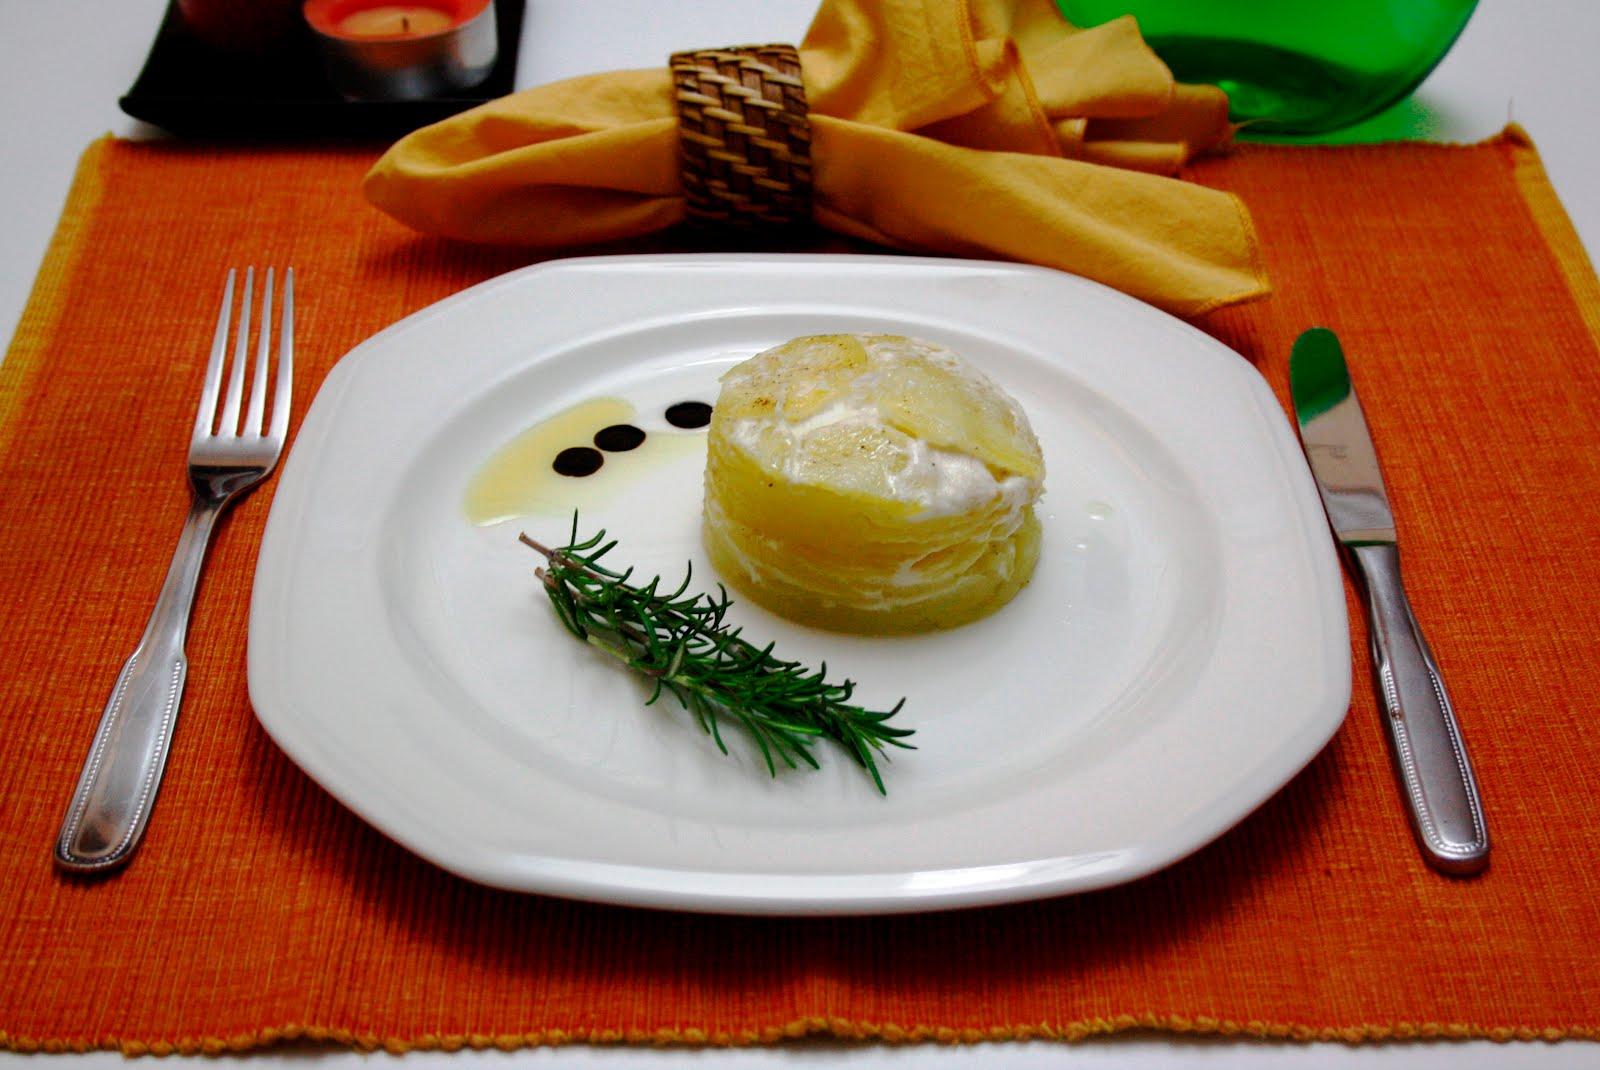 La cocina de maricarmen patatas a la crema - Cocinas maricarmen ...